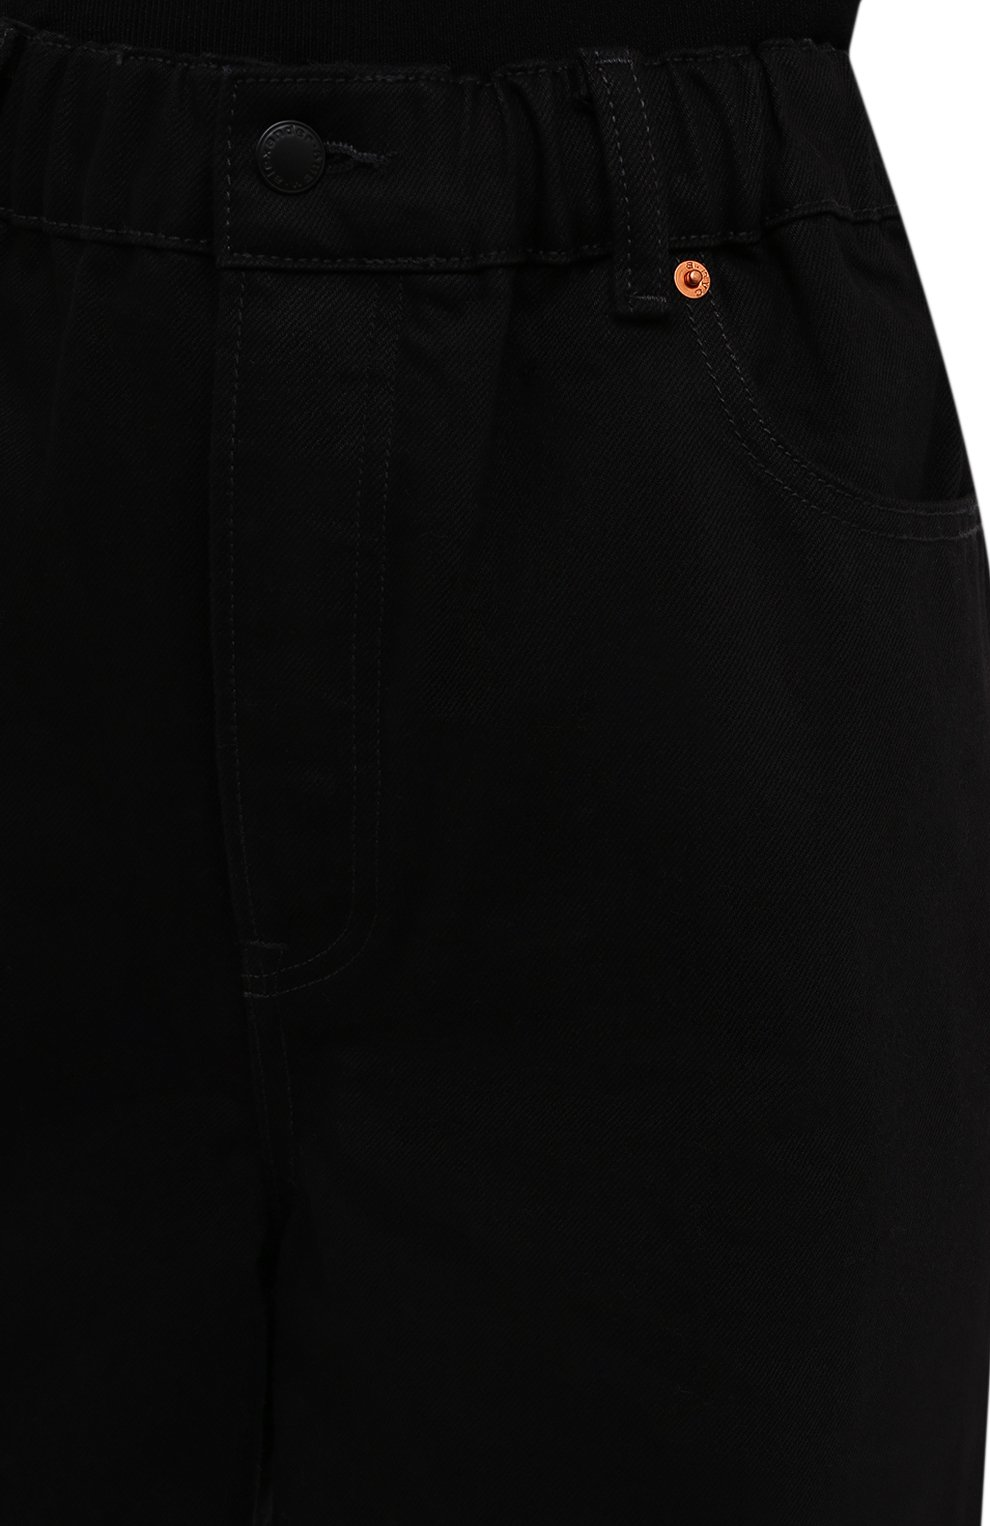 Женские джинсовые шорты DENIM X ALEXANDER WANG черного цвета, арт. 4DC4214035   Фото 5 (Женское Кросс-КТ: Шорты-одежда; Кросс-КТ: Деним; Материал внешний: Хлопок; Длина Ж (юбки, платья, шорты): Миди; Стили: Кэжуэл)